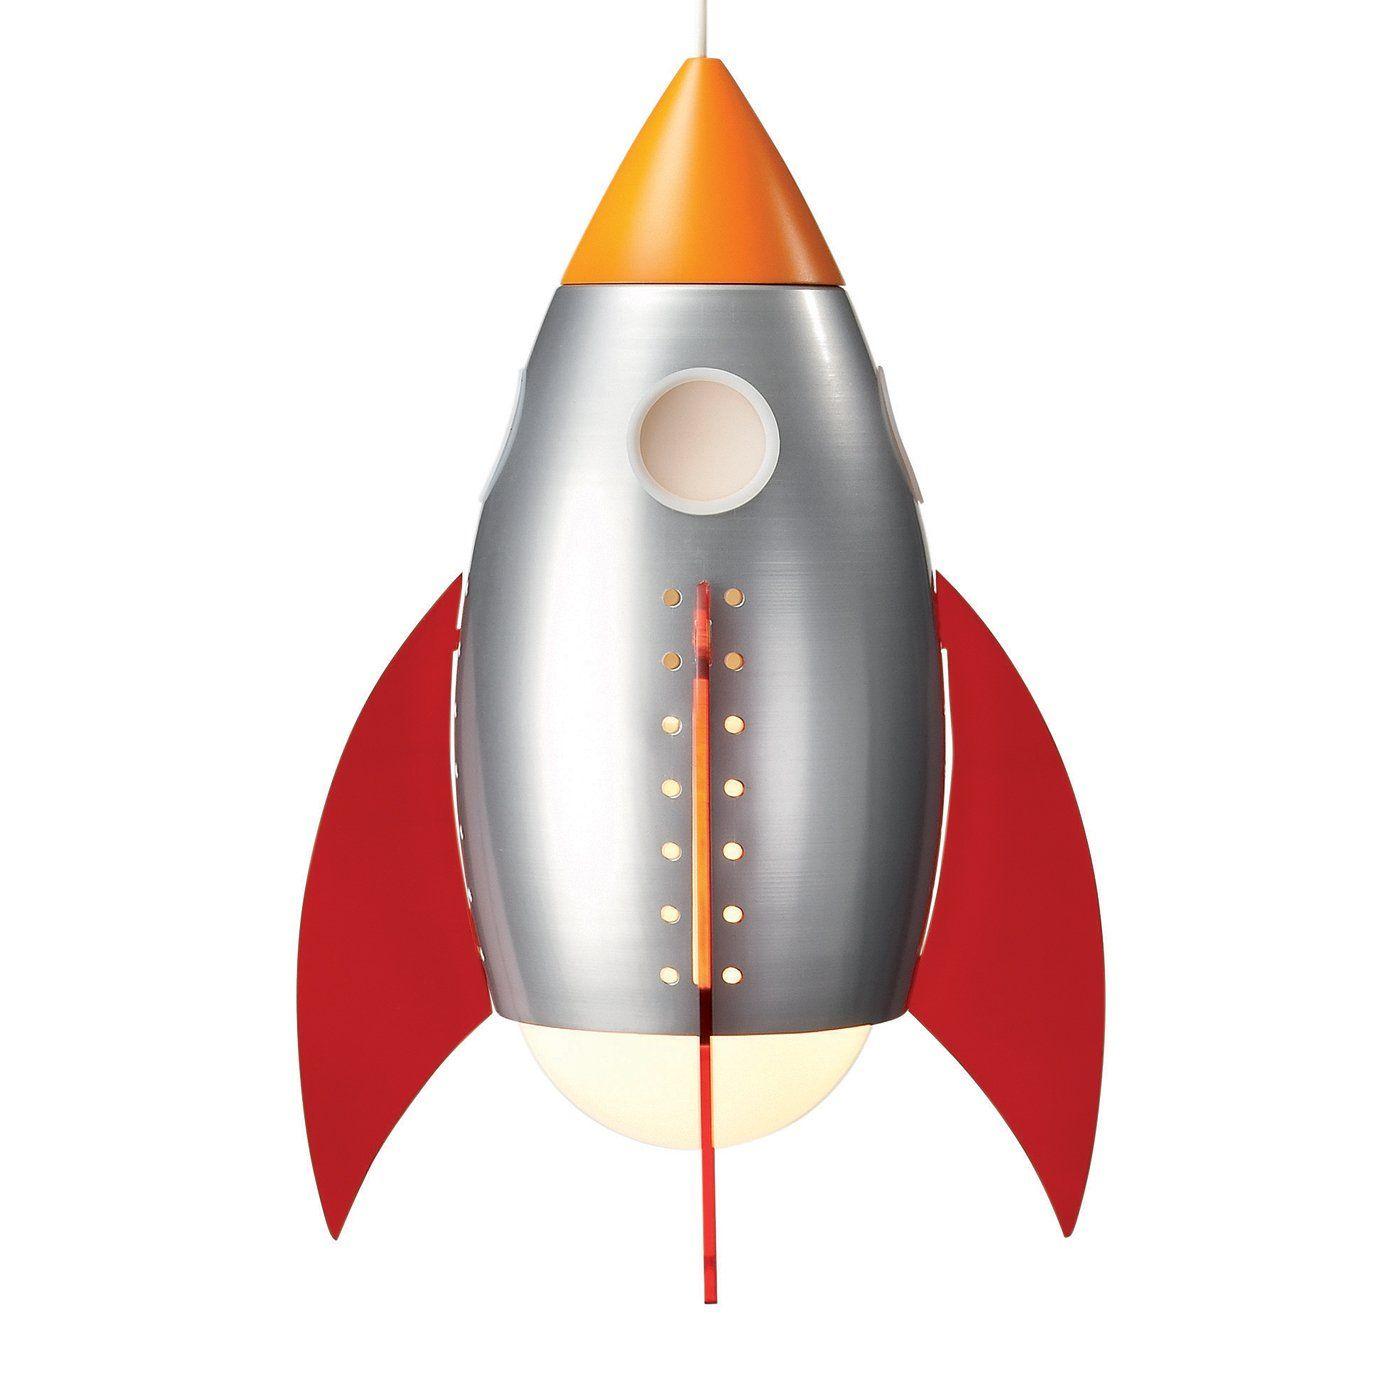 402045548 jpg 1 400 1 400 pixels reference images rocket ships